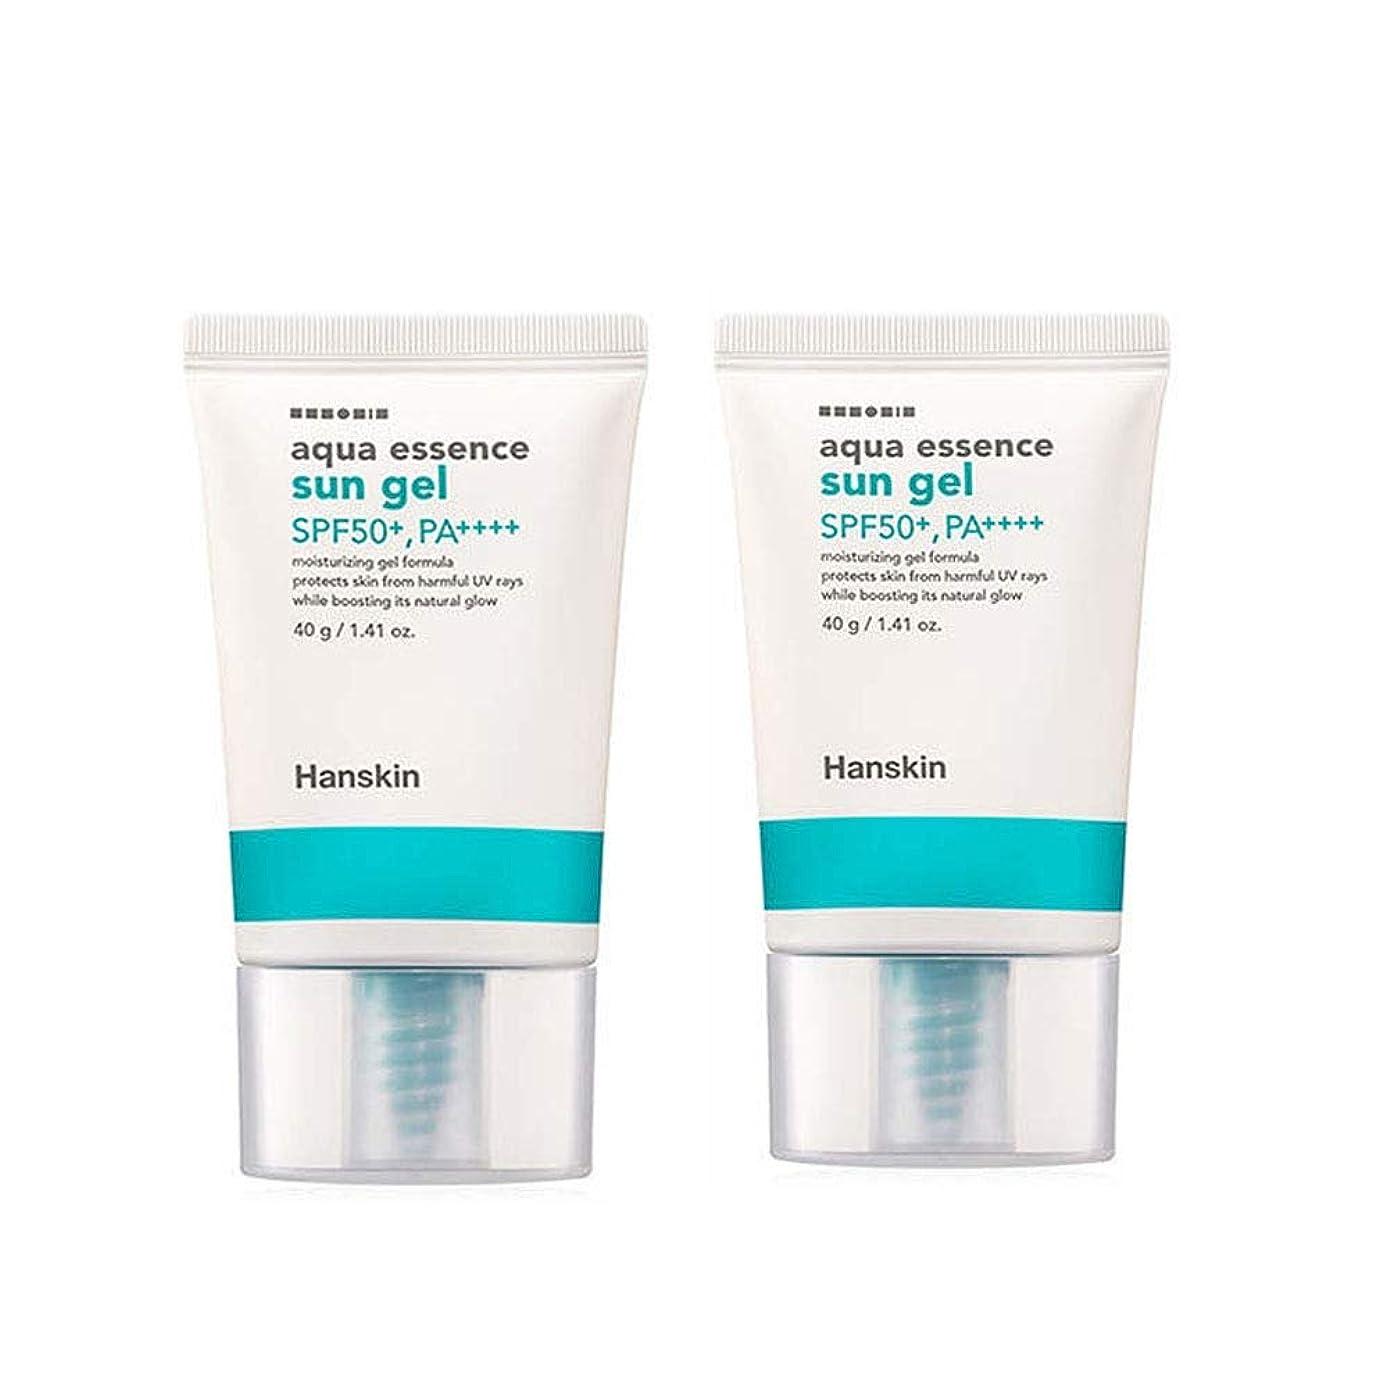 振り向く非公式請求可能ハンスキンアクアエッセンスサンゼル40gx2本セットサンクリーム韓国コスメ、Hanskin Aqua Essence Sun Gel 40g x 2ea Set Sun Cream Korean Cosmetics [並行輸入品]